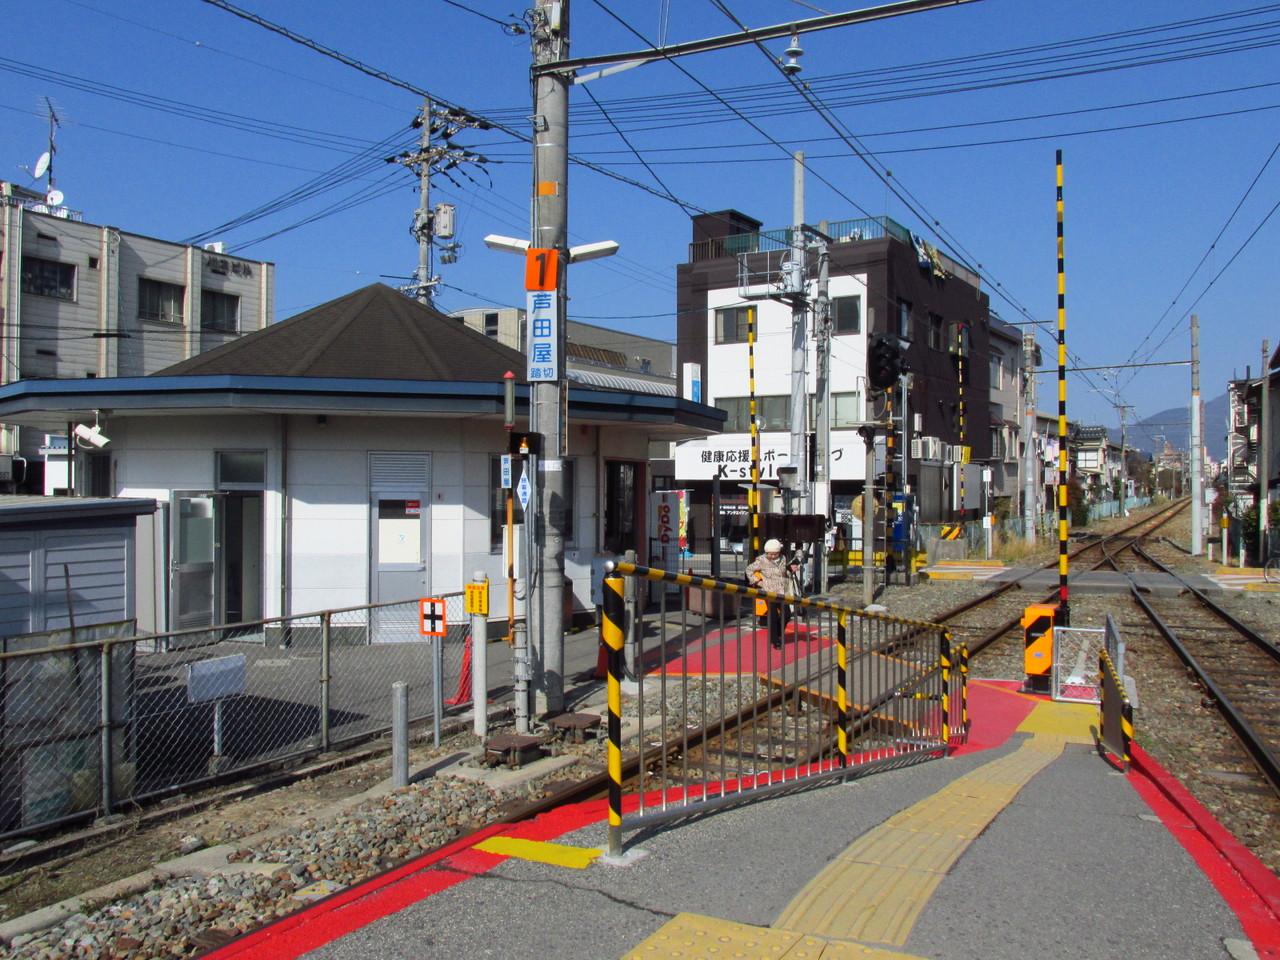 鉄路の響きを追って ~第二章~広島日帰り旅 IV ~安芸長束駅~                 Masahiko